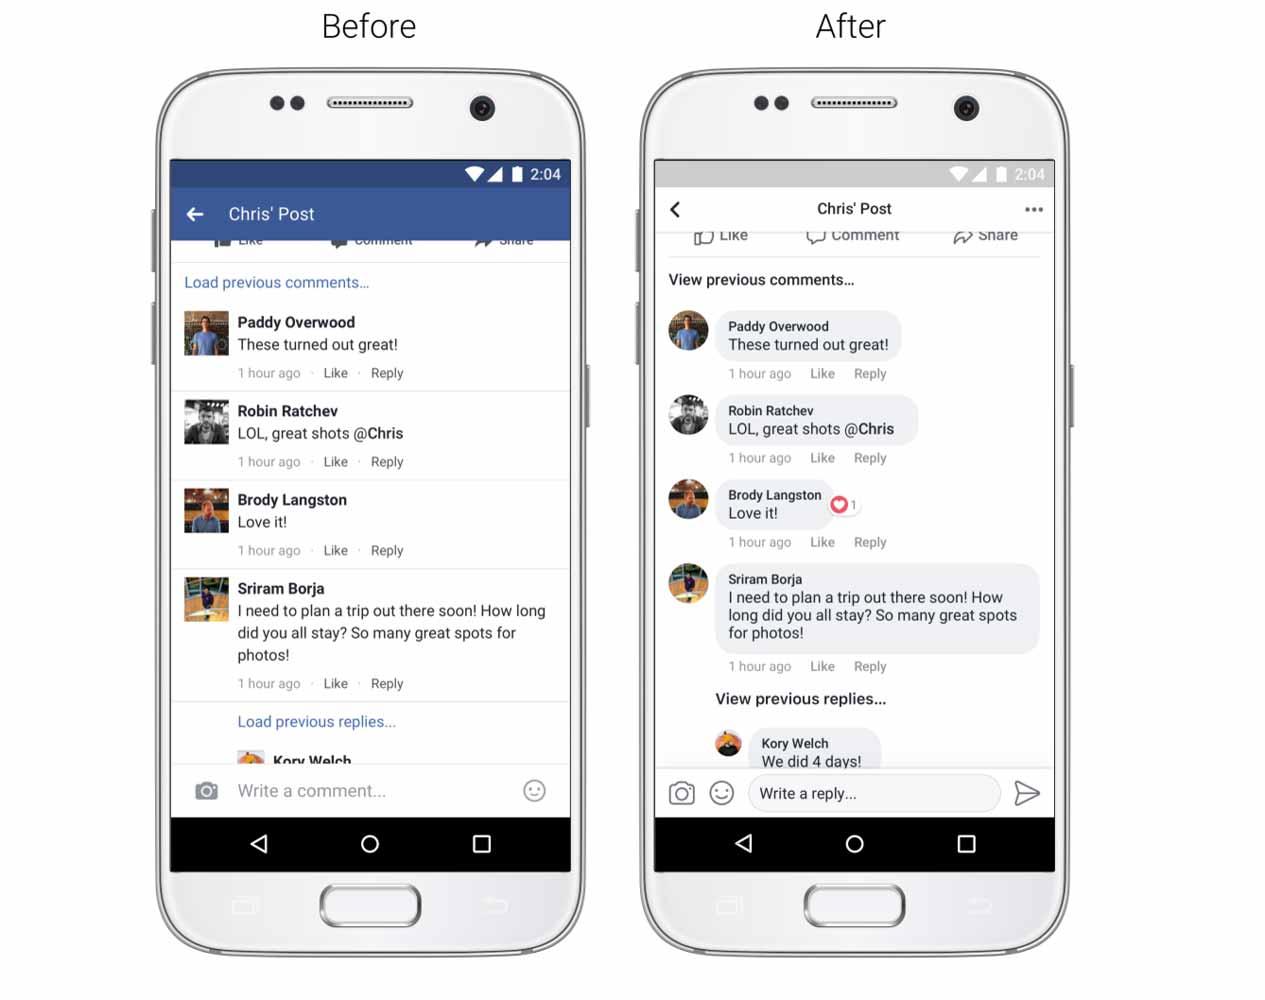 Facebook、ニュースフィードのデザインの変更を発表 ― アイコンは丸形に、コメントはメッセージアプリ風に